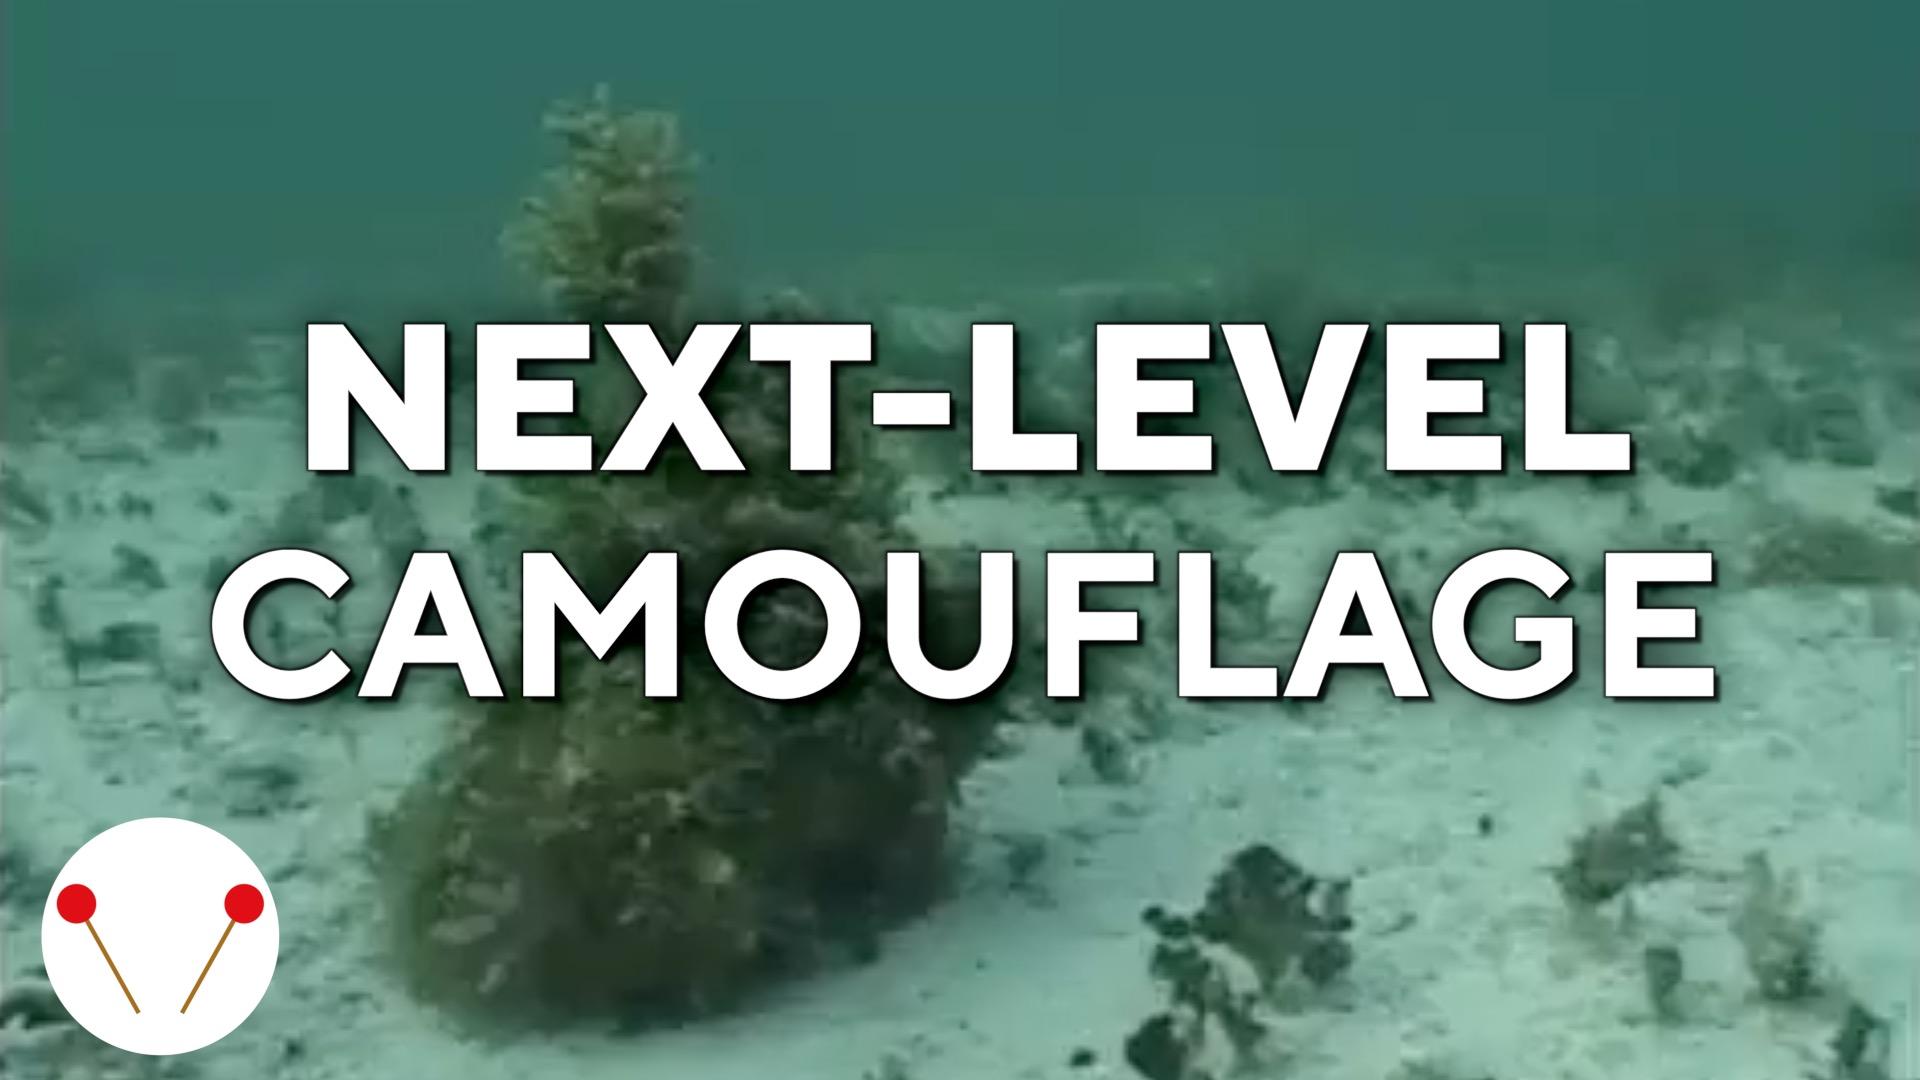 Next-level camouflage